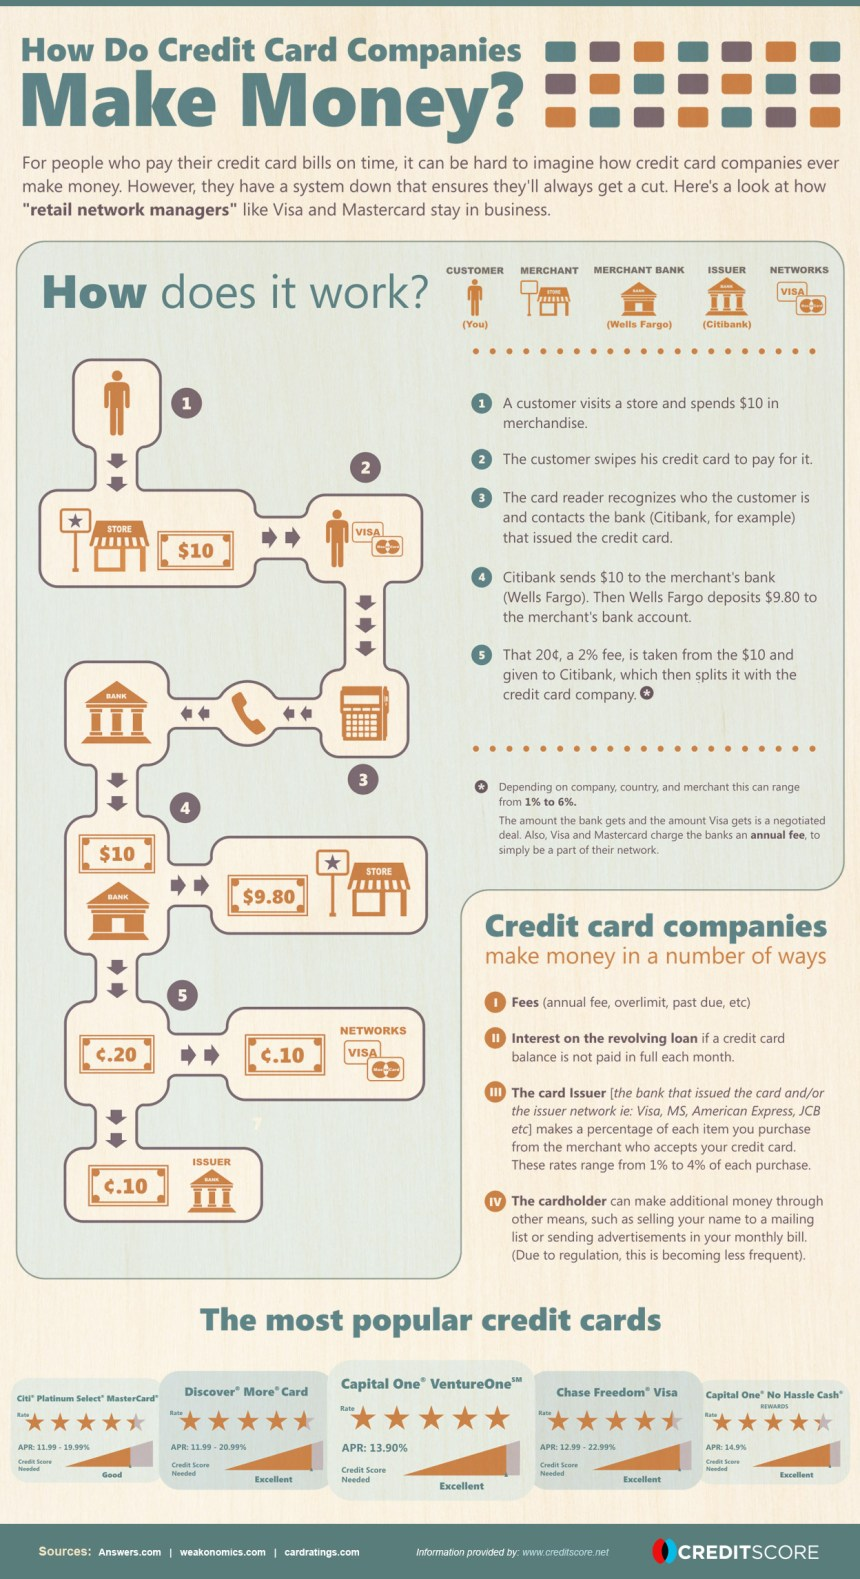 ¿Cómo ganan dinero las empresas de tarjetas de crédito?